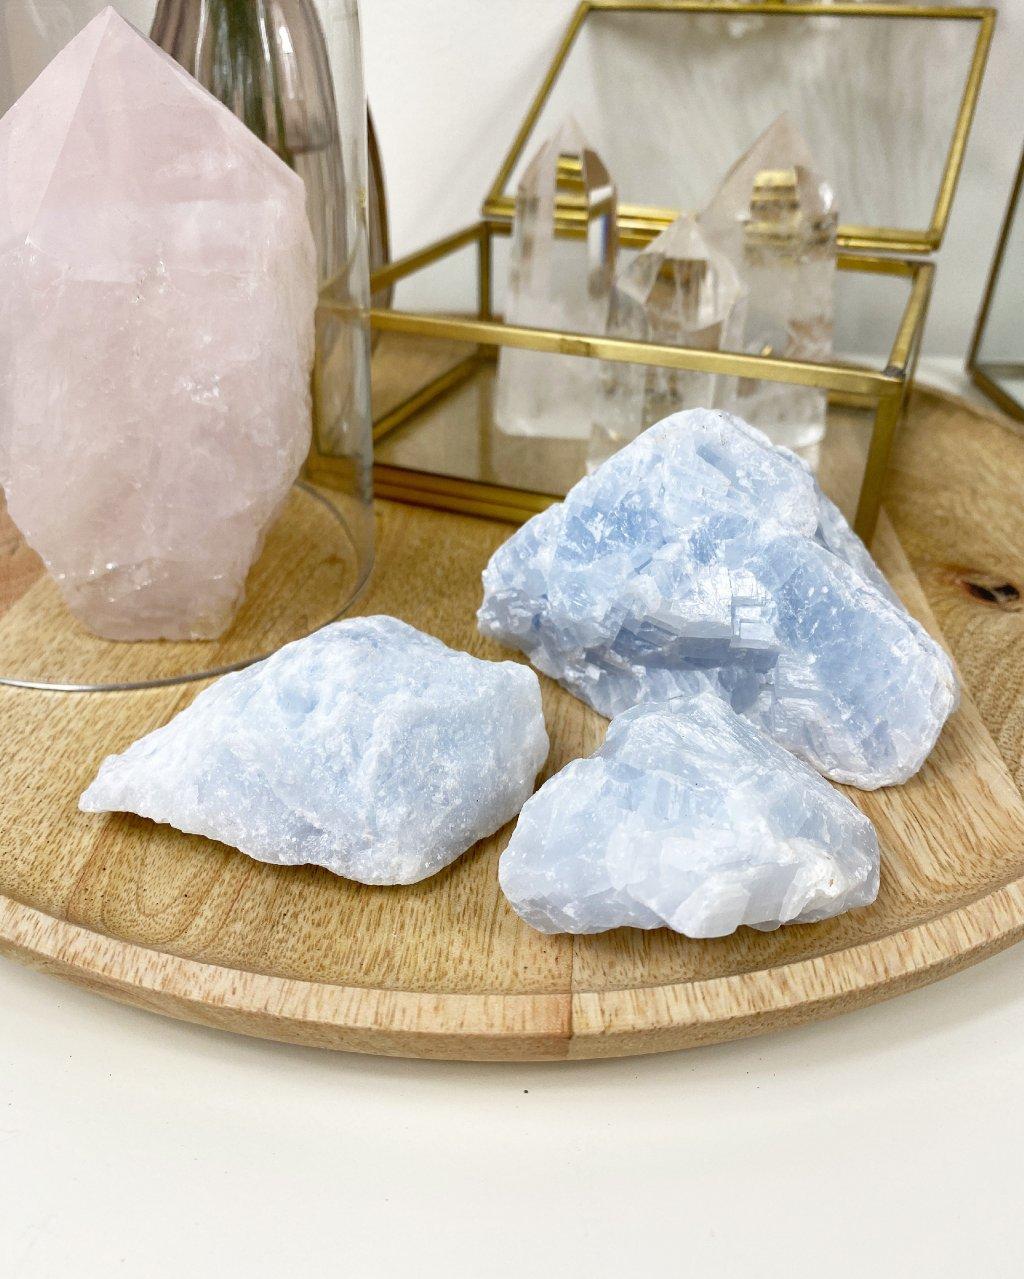 Modrý kalcit surový minerál velký